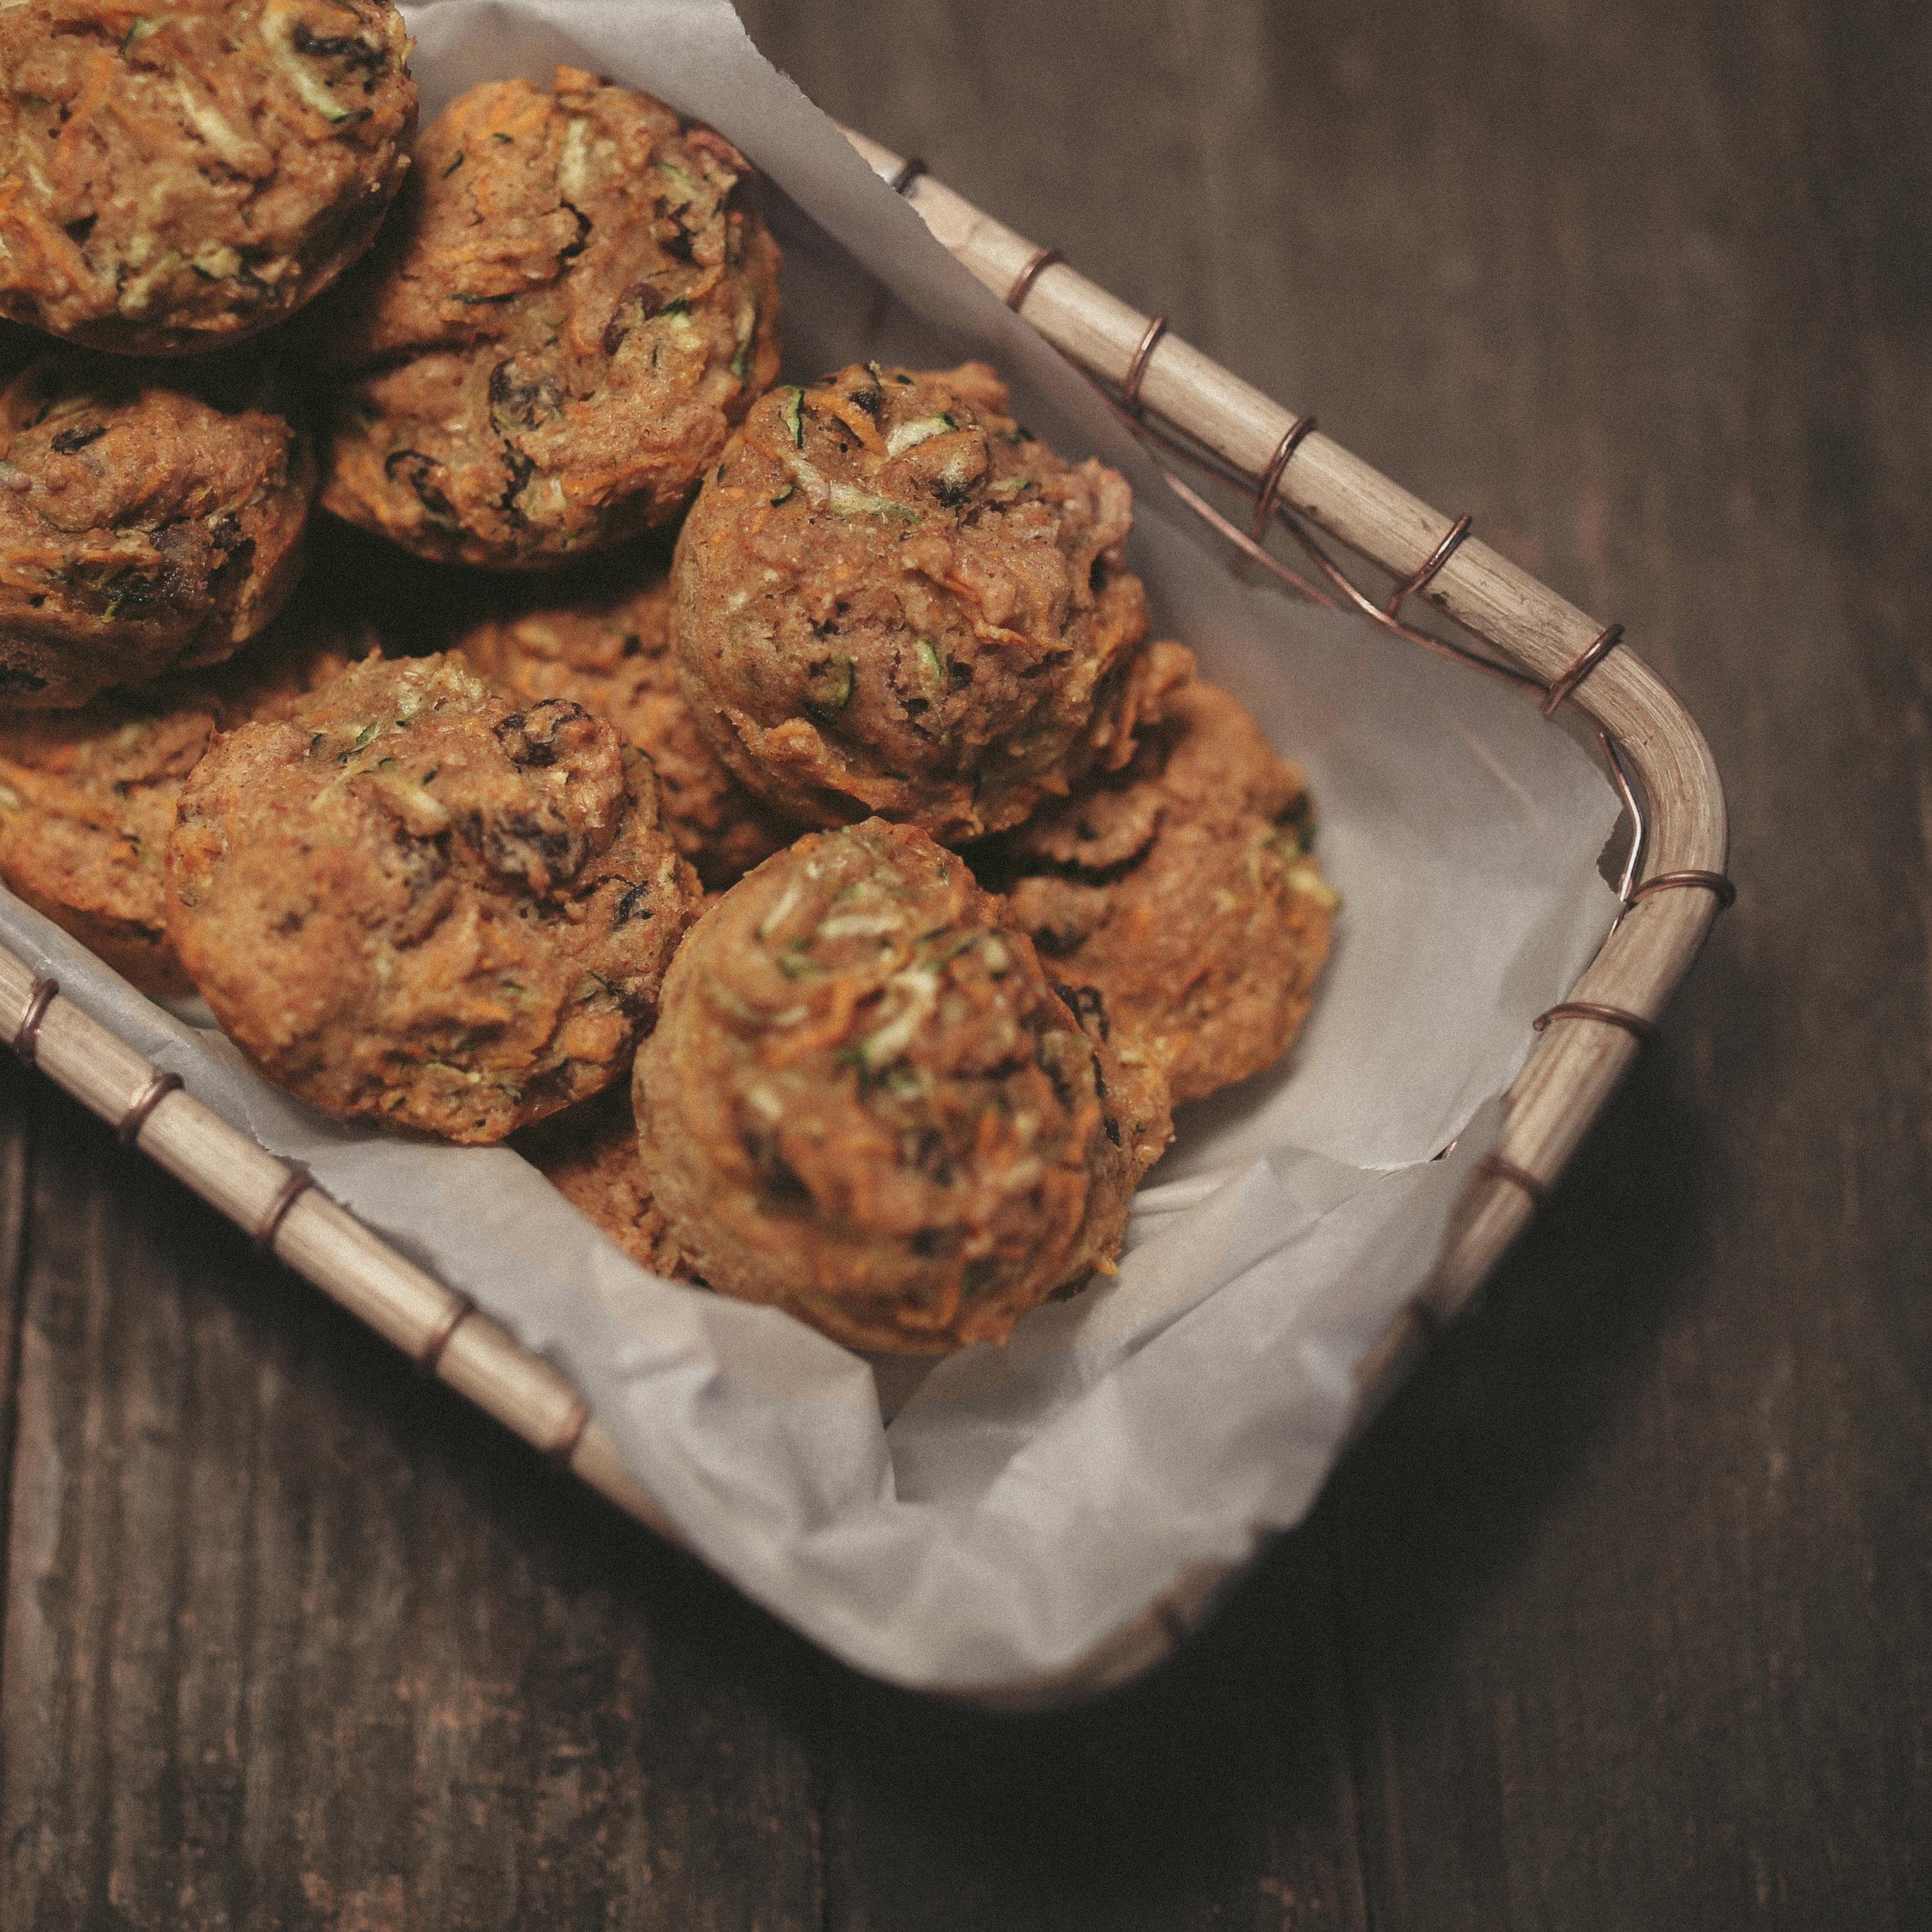 laurennicolefoot-2018-recipes-carrot-zucchini-muffin-14 copy.jpg